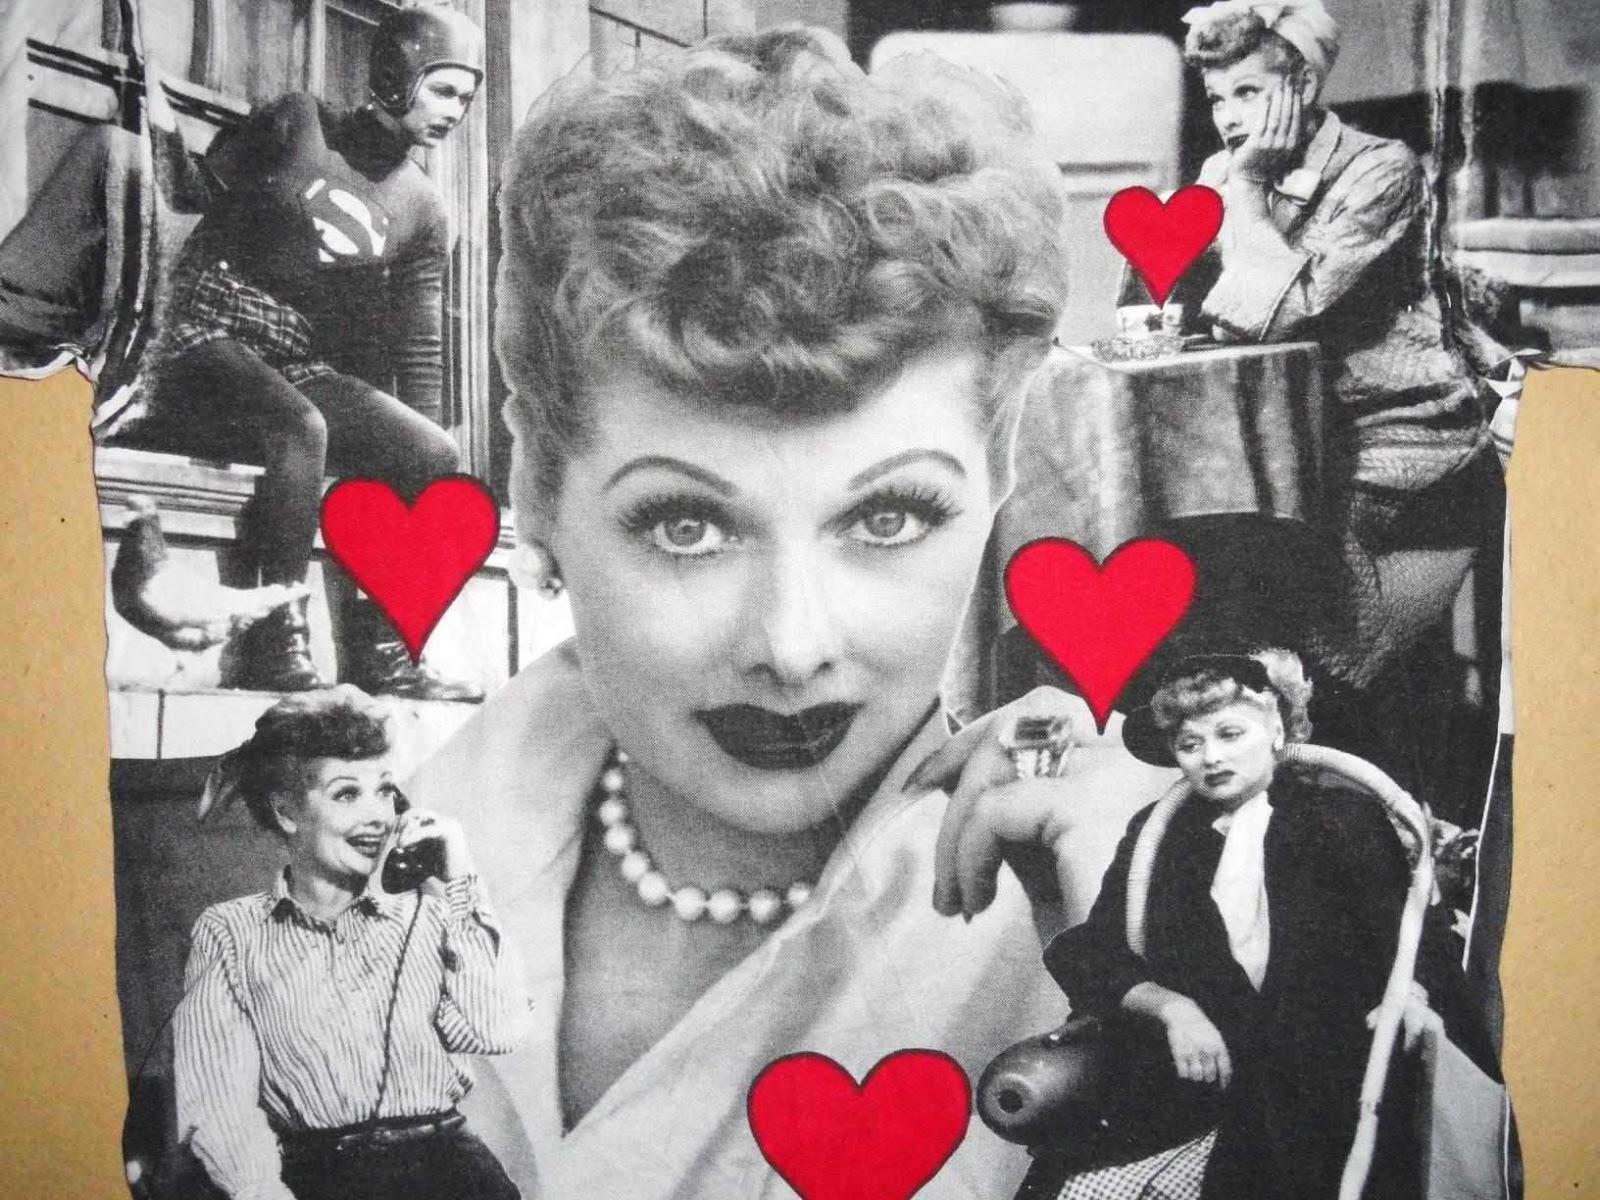 http://2.bp.blogspot.com/-nXcSQc_om1c/UZGyqt4zM6I/AAAAAAAAxkk/BD-CYFRwVVI/s1600/I+Love+Lucy+Wallpaper+(13).jpg